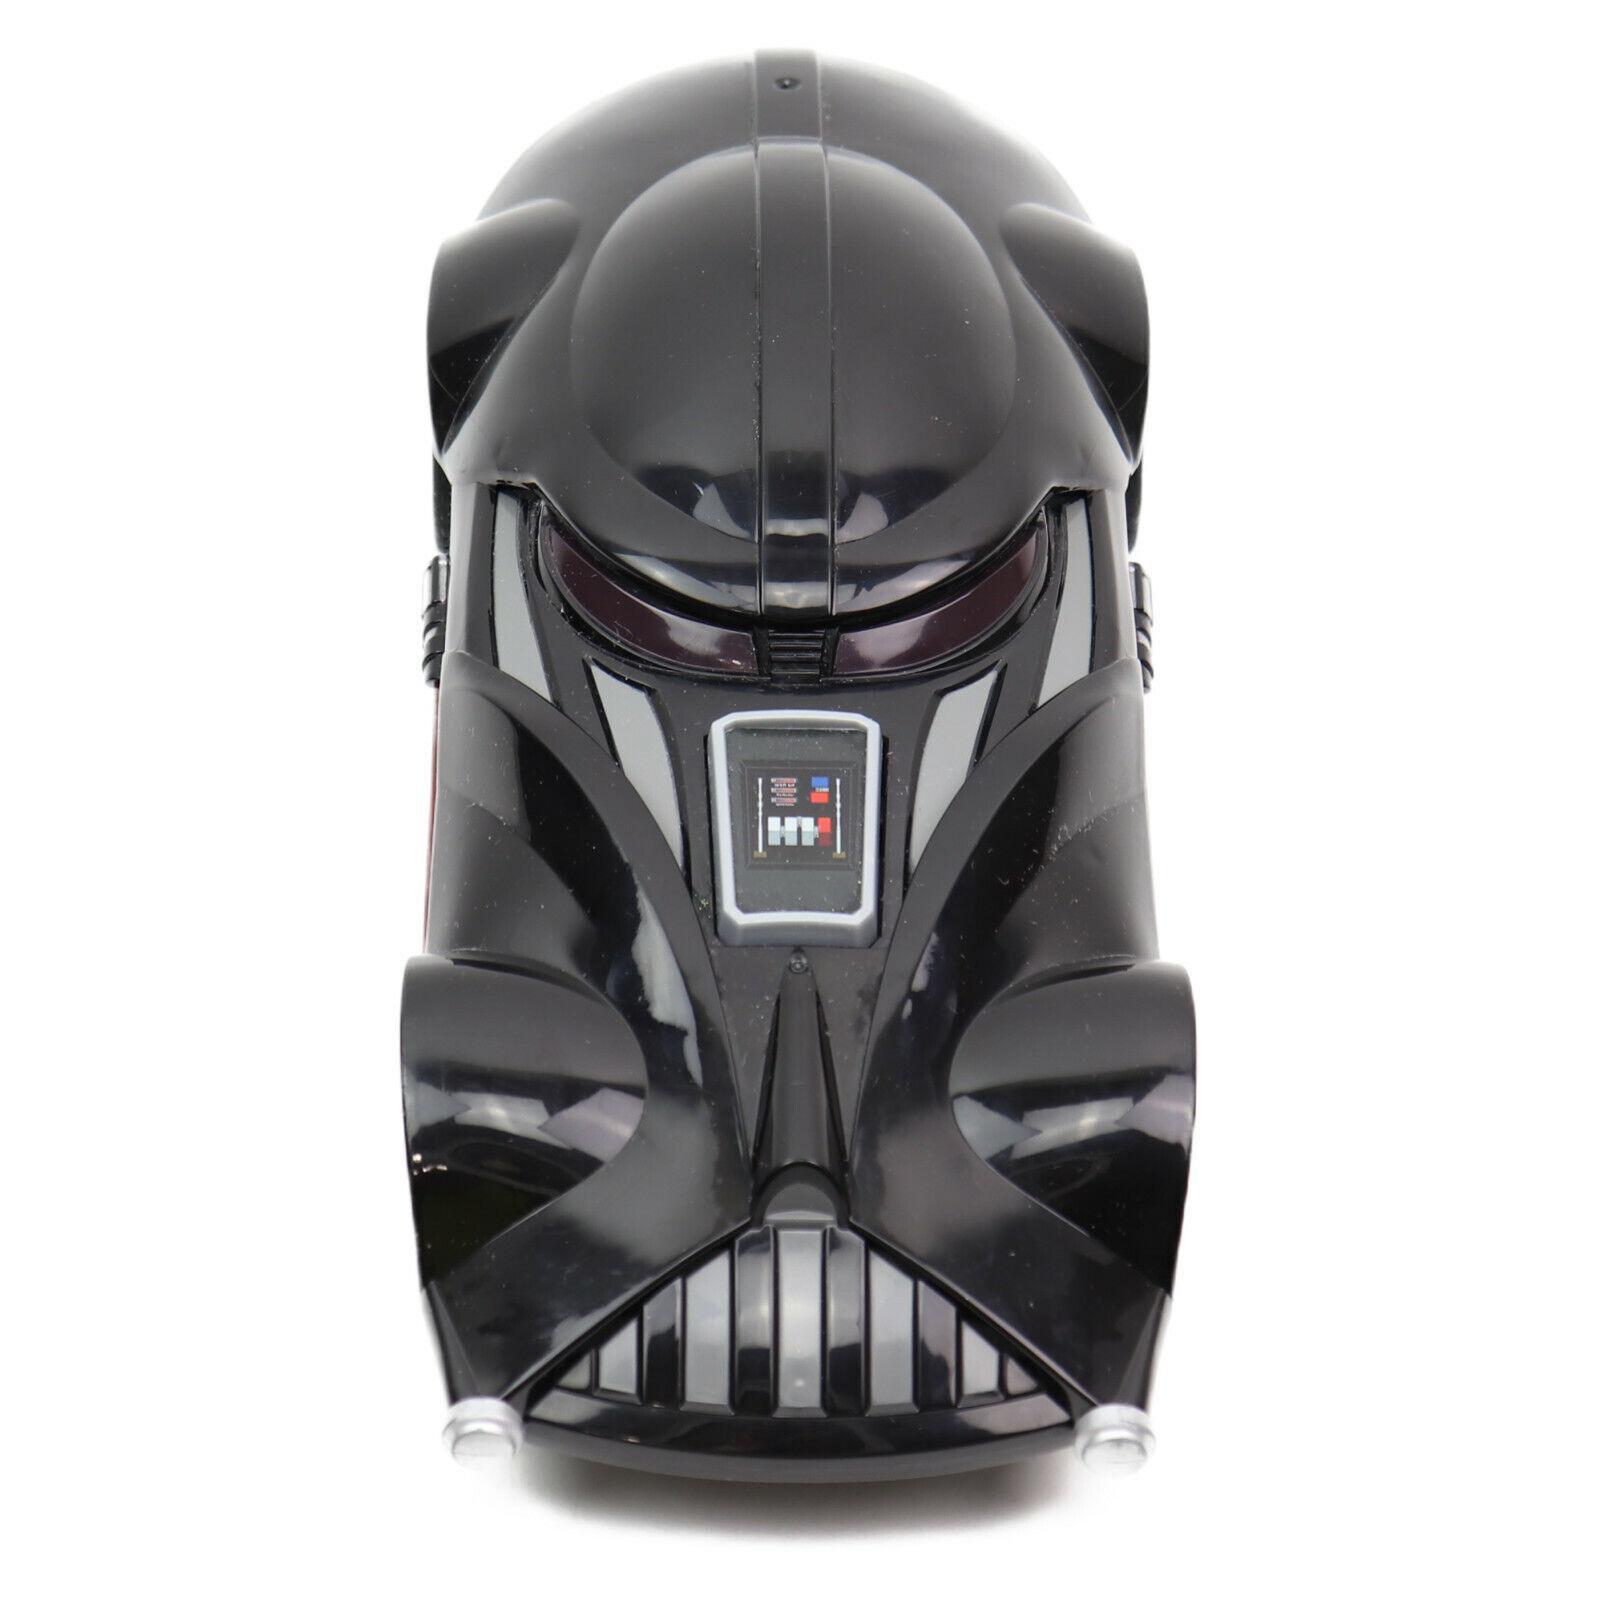 2015 Guerre stellari Darth Vader auto caliente ruedas Light Saber Mattel Raro Esclusiva